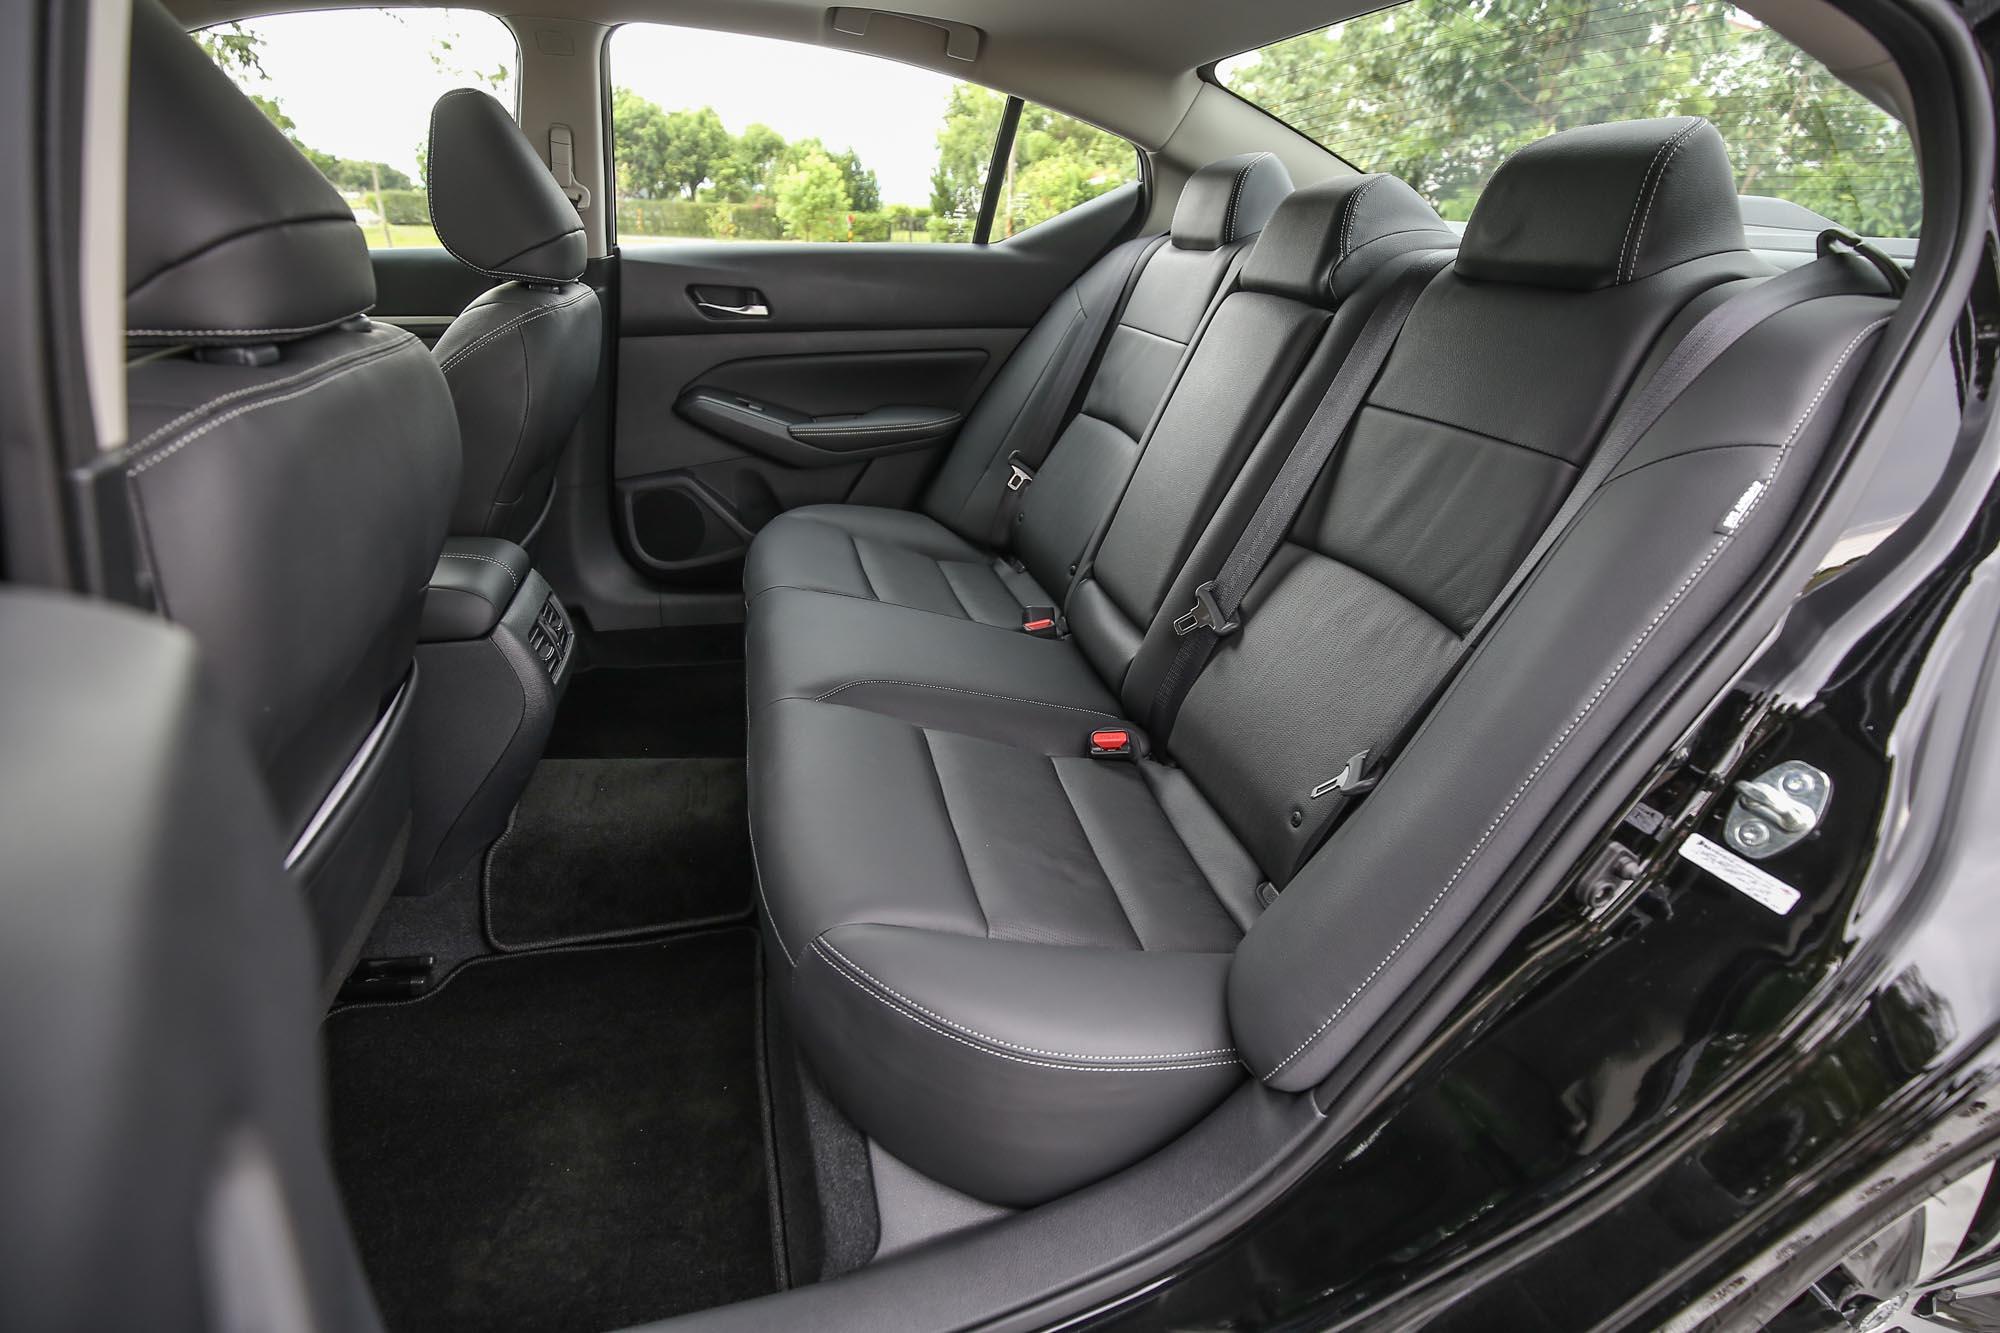 雖為前驅車款,後座底板依然有中央隆起,想必是因為北美市場提供四輪傳動版本。